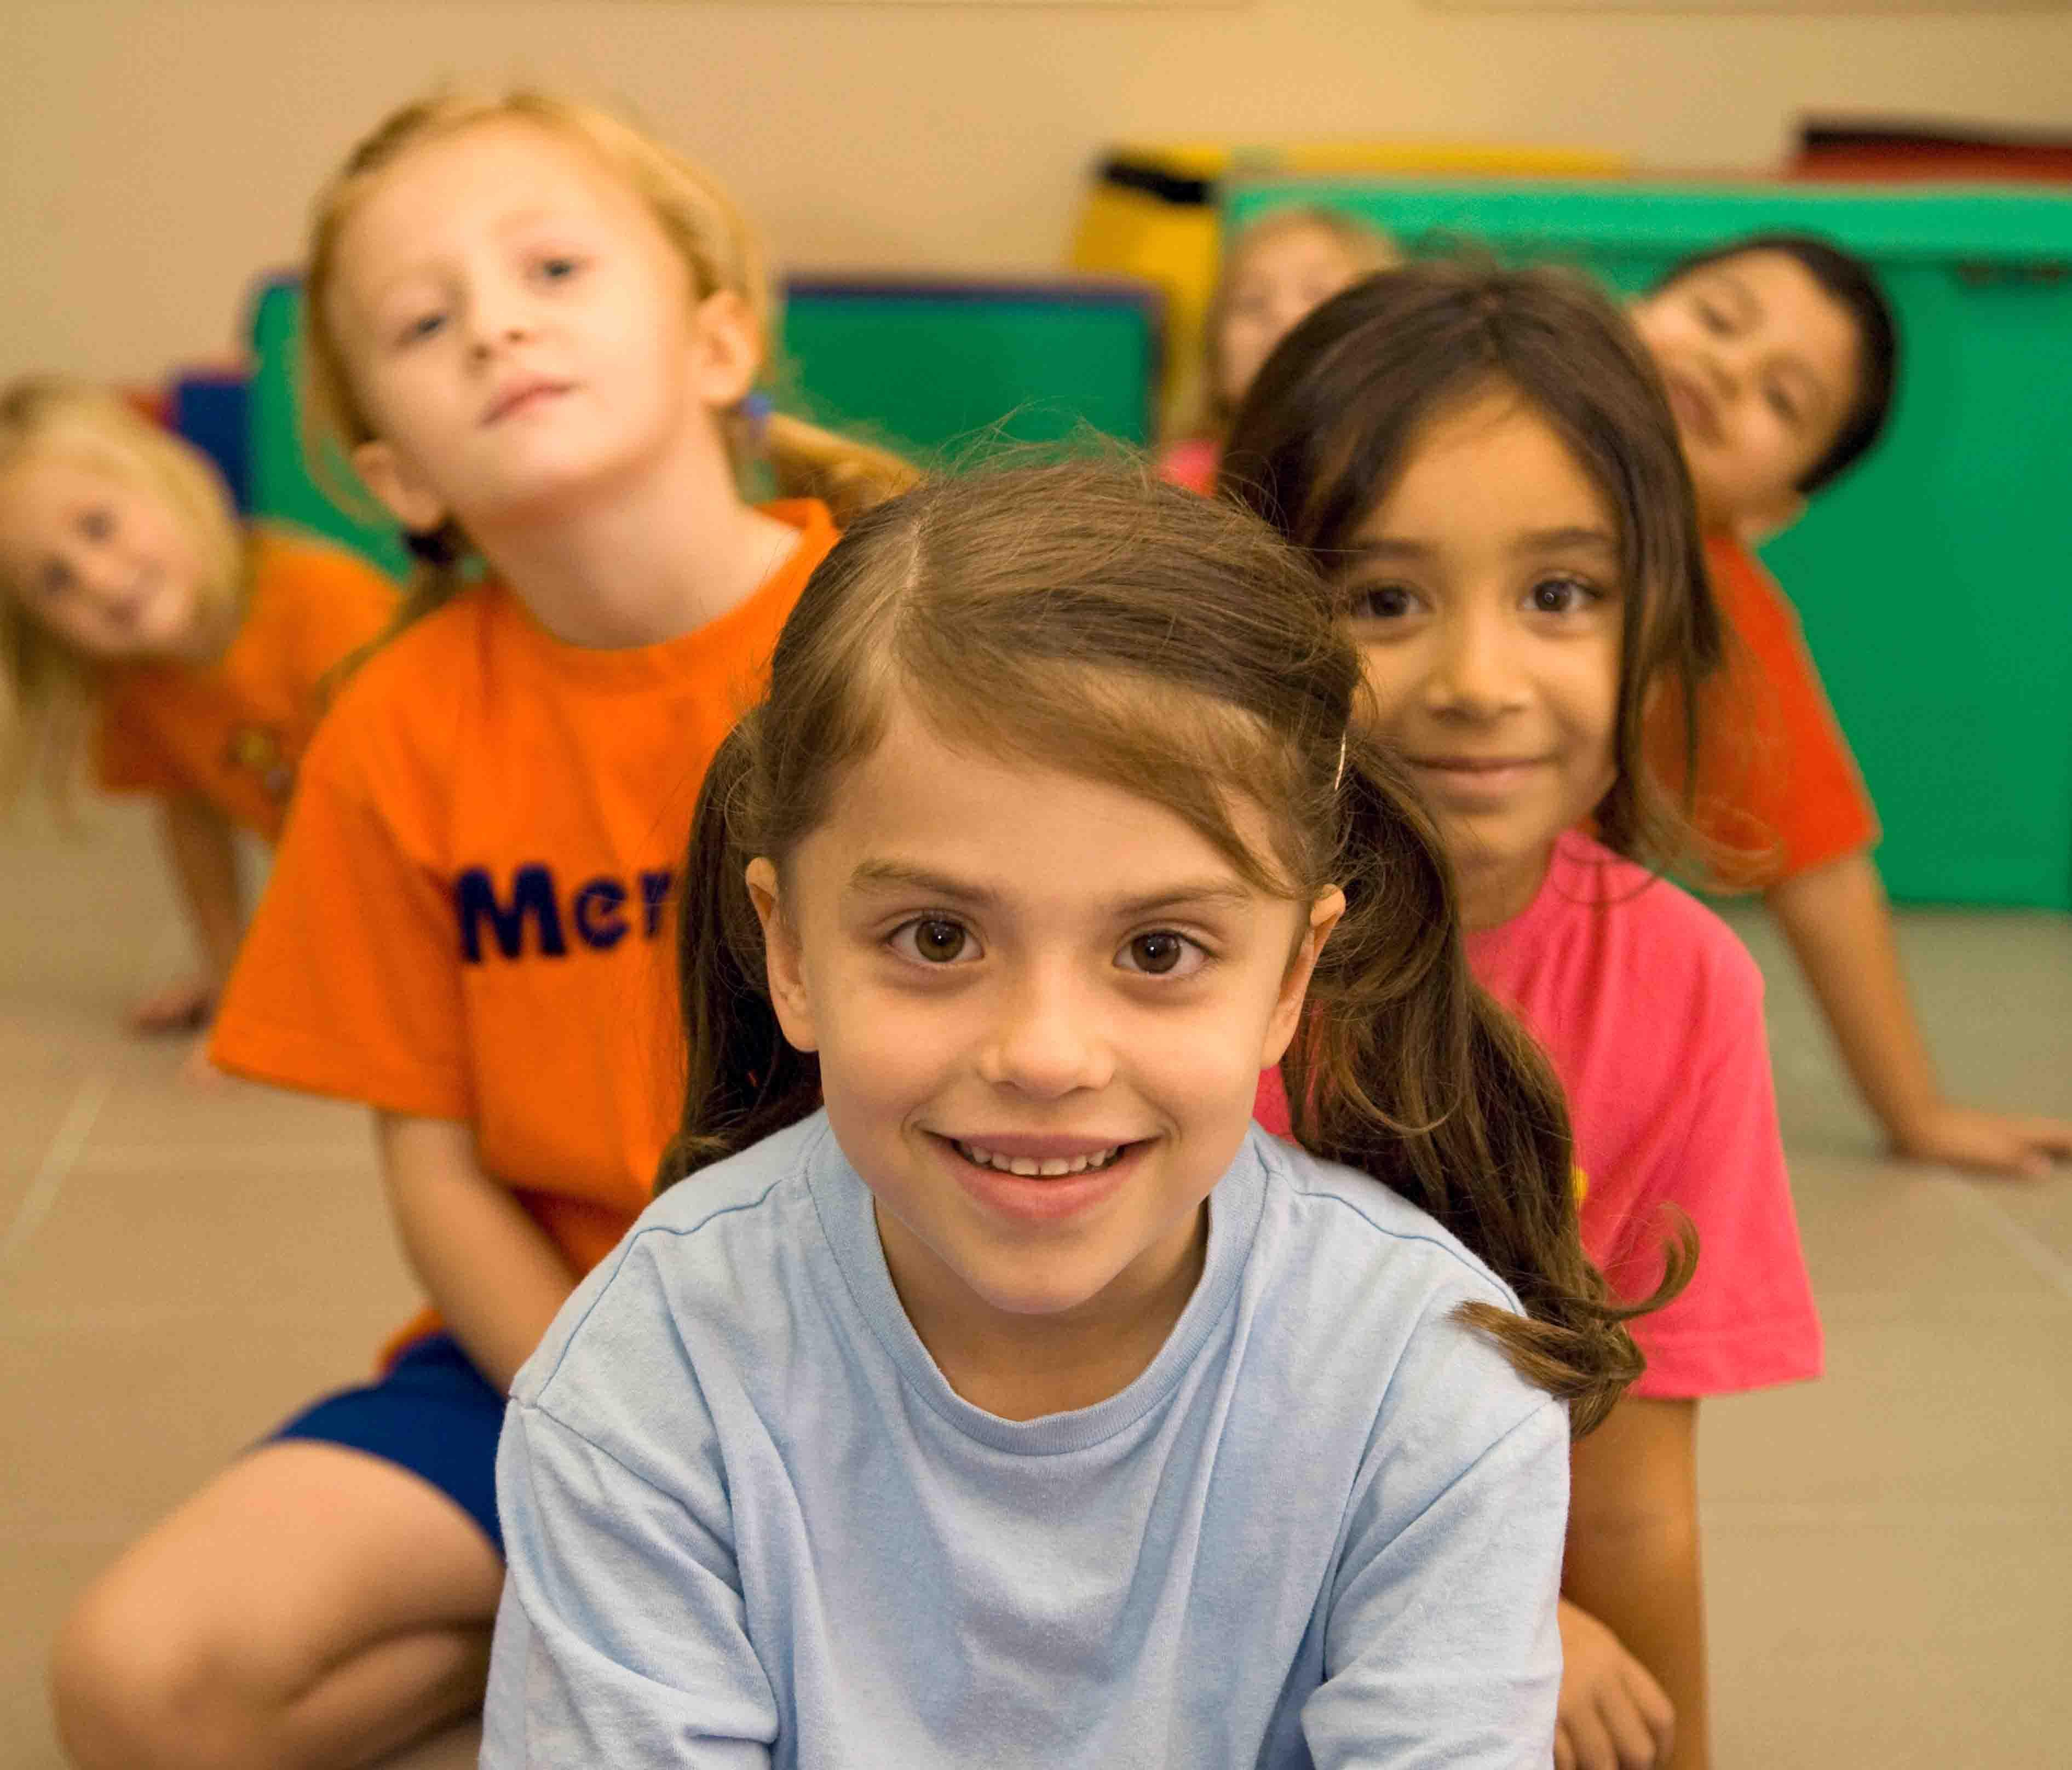 Gezonde voeding en bewegen in de buitenschoolse kinderopvang